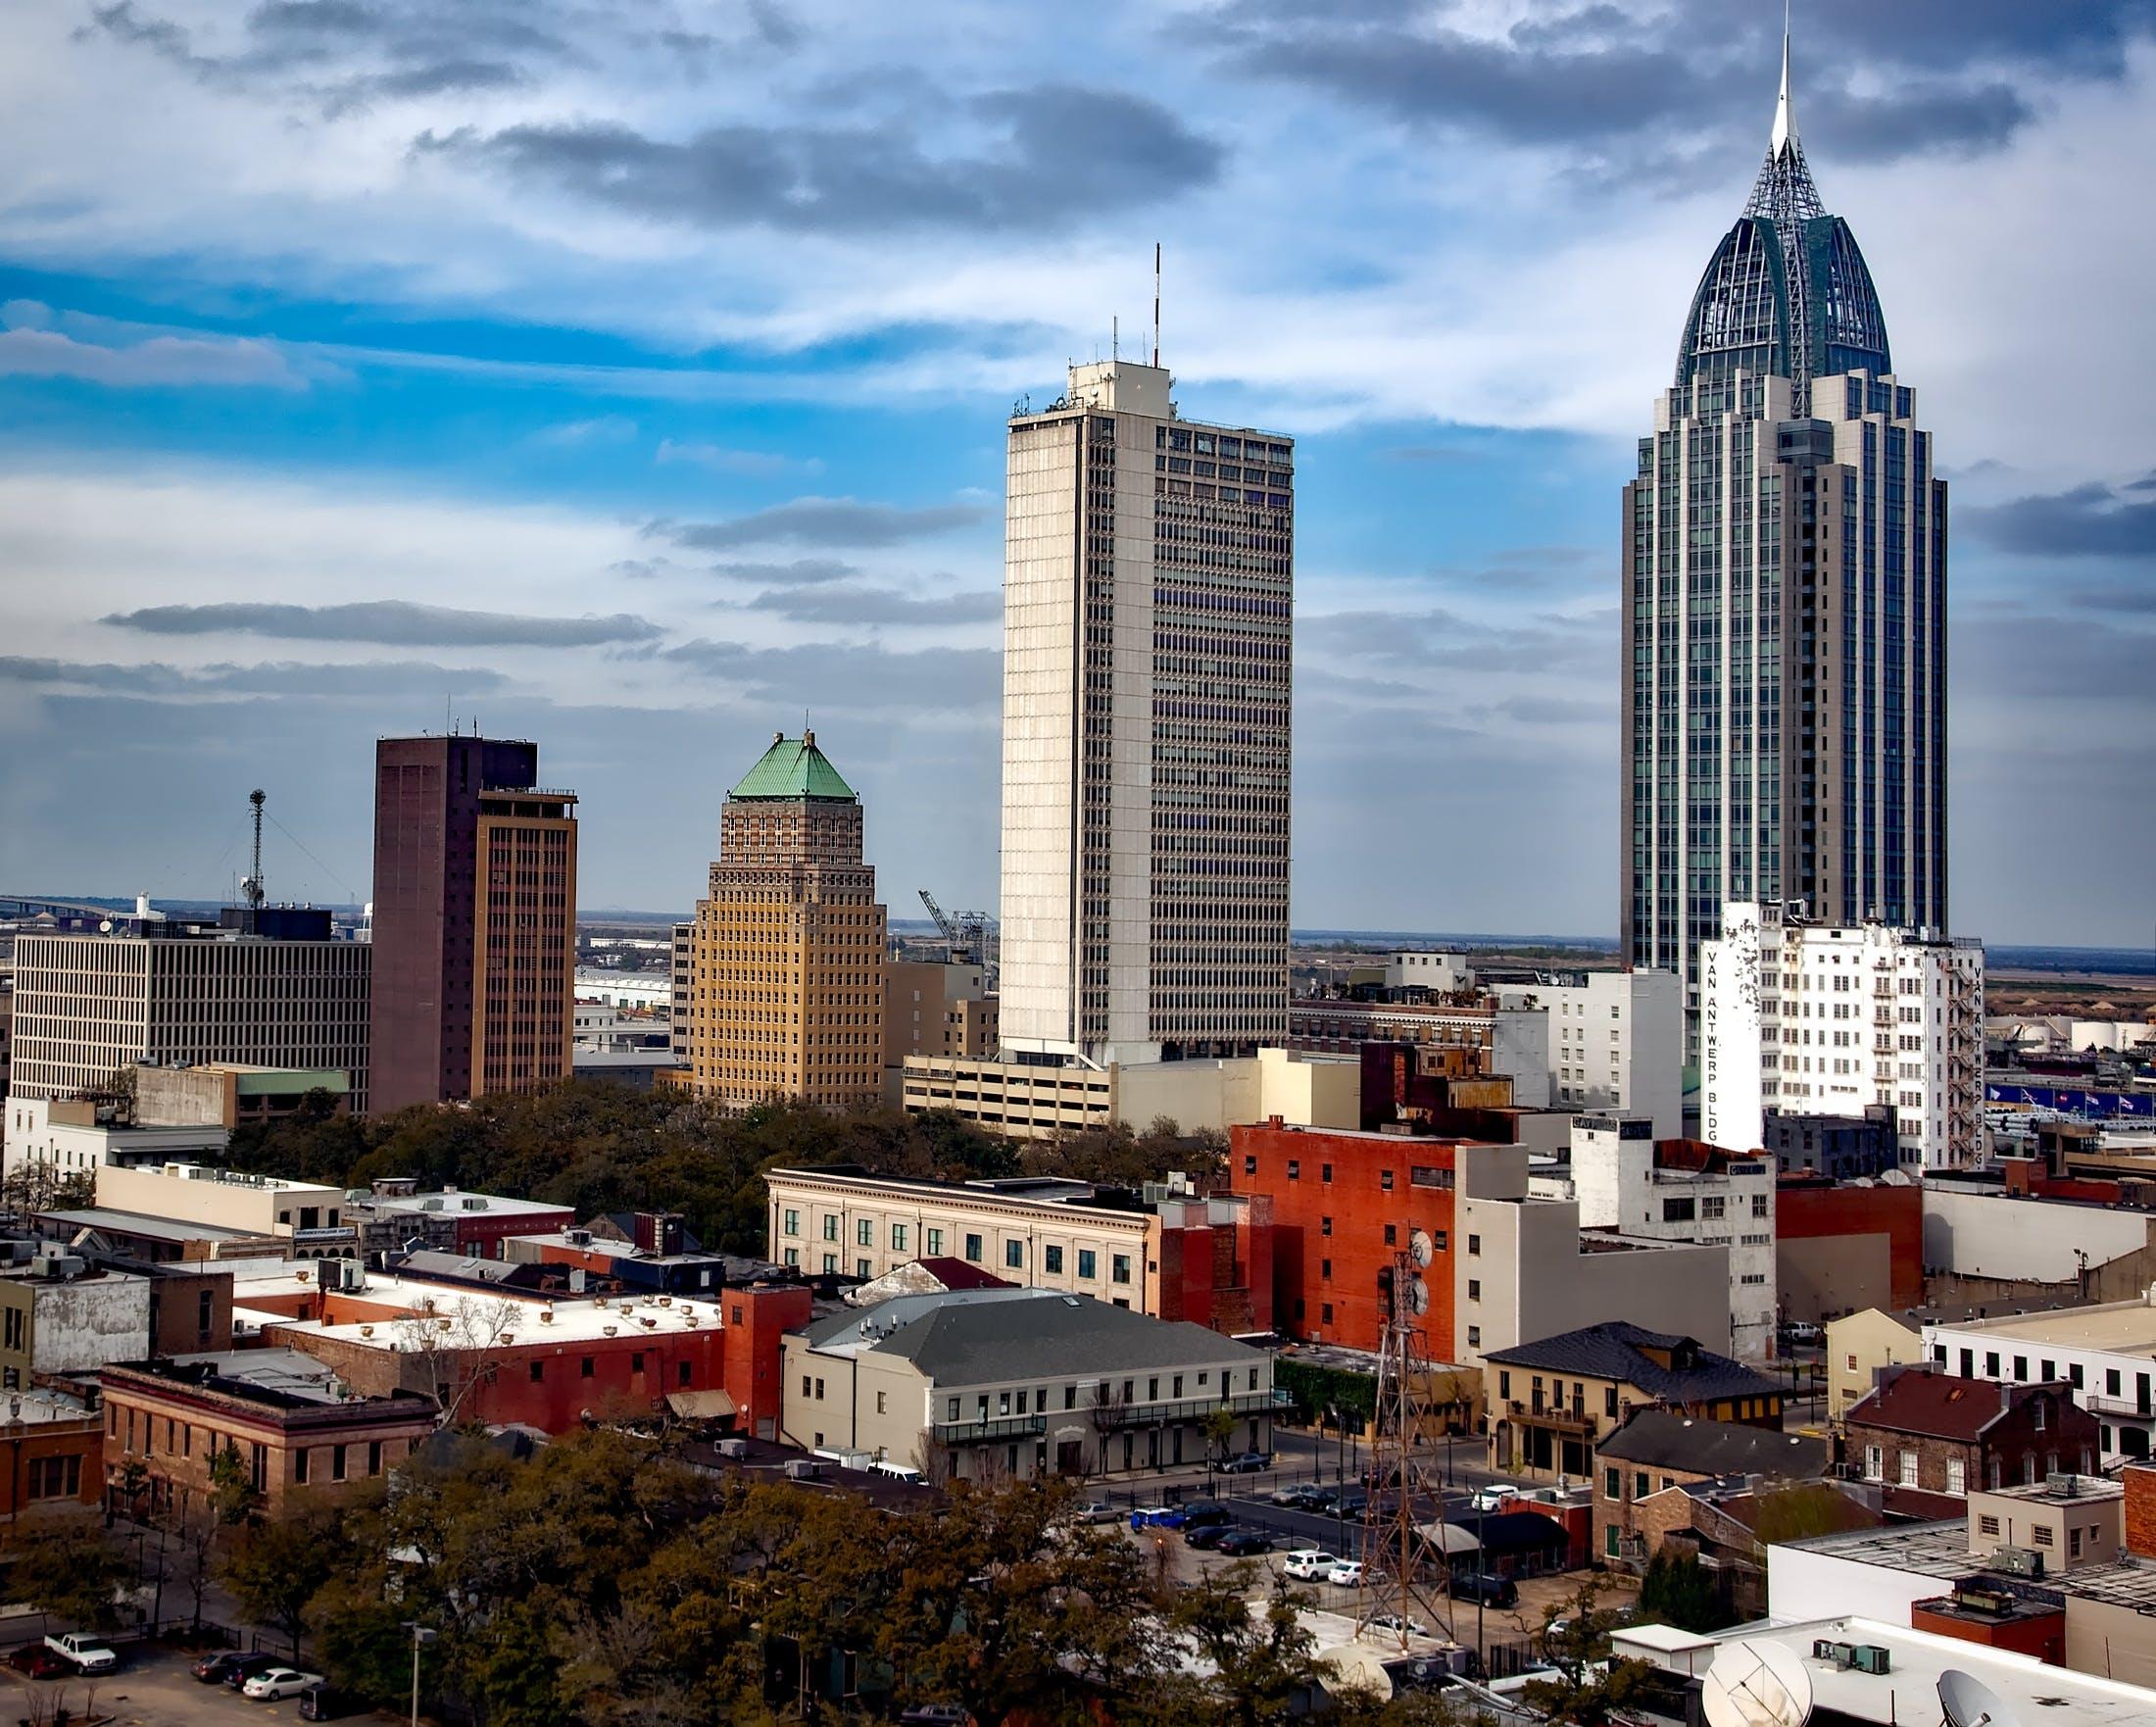 シティ, タワー, ダウンタウン, 建物の無料の写真素材